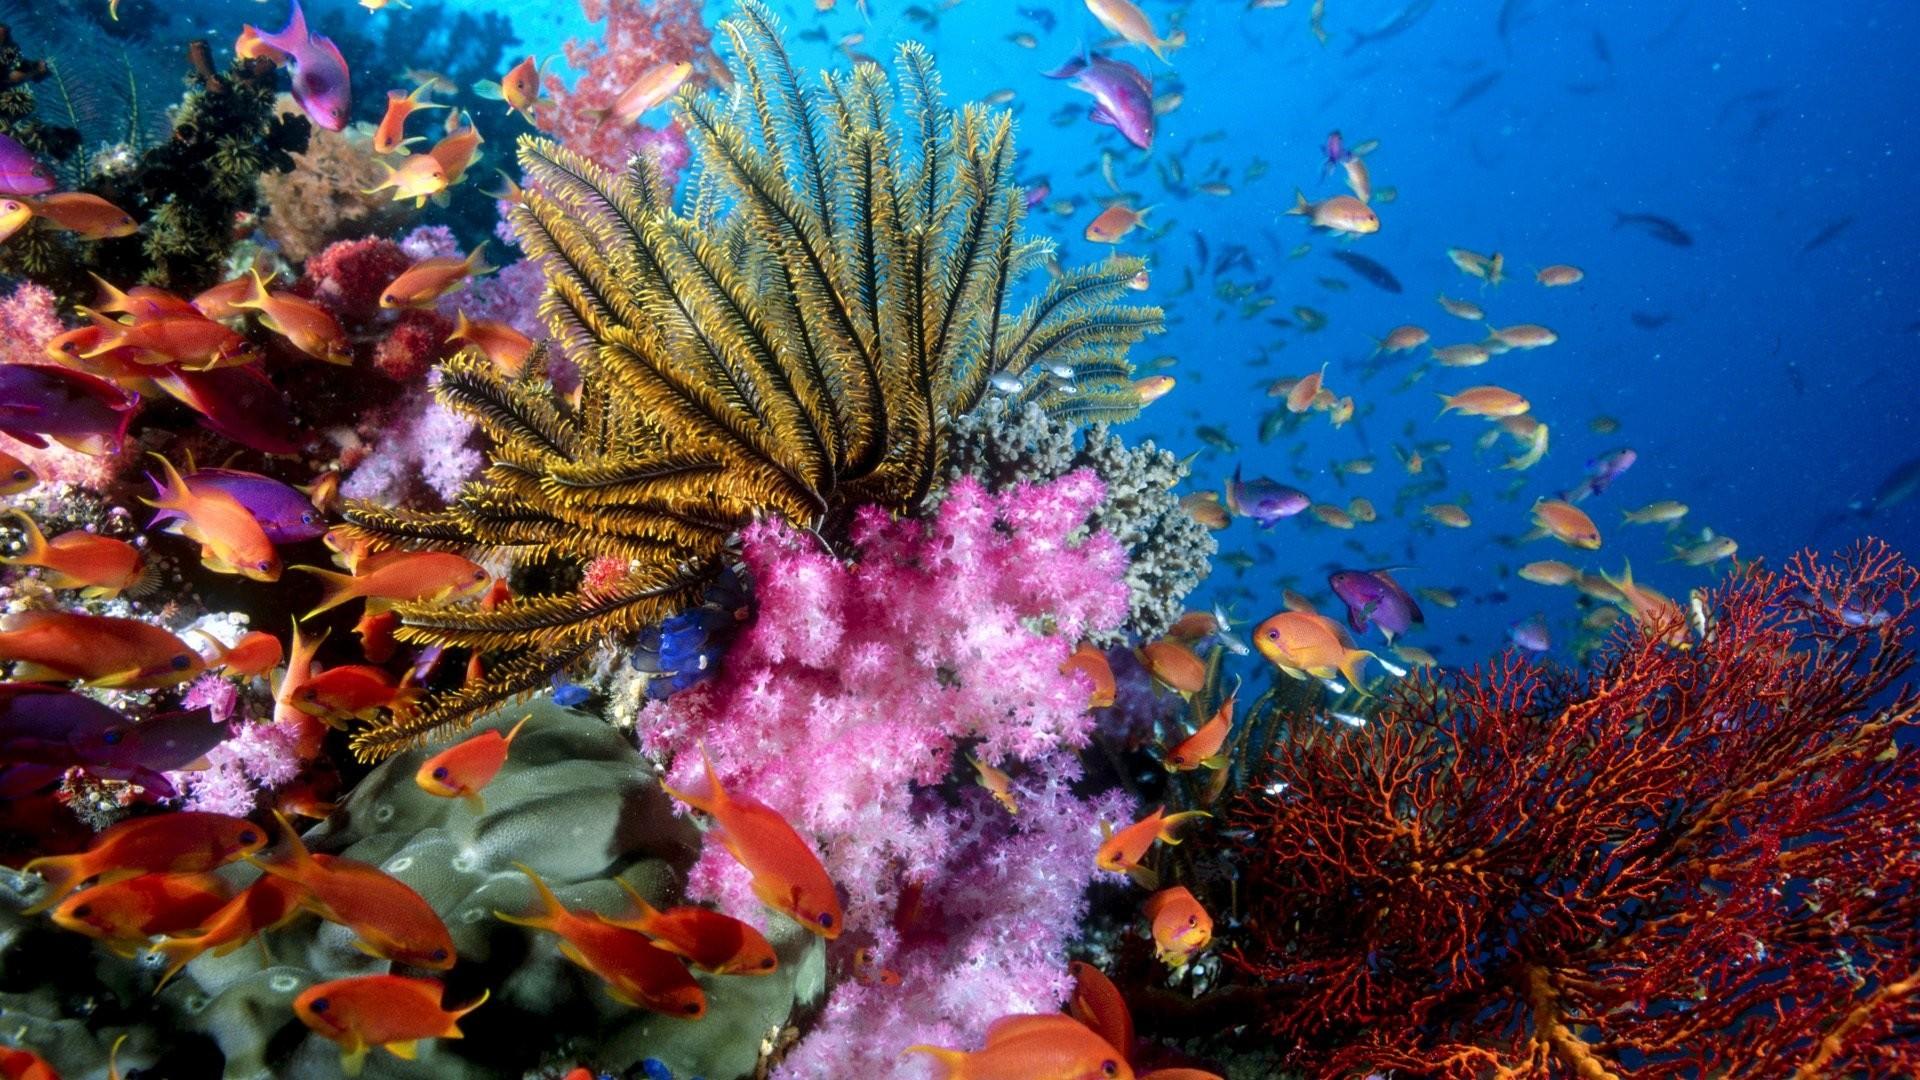 Coral Reef Wallpaper theme